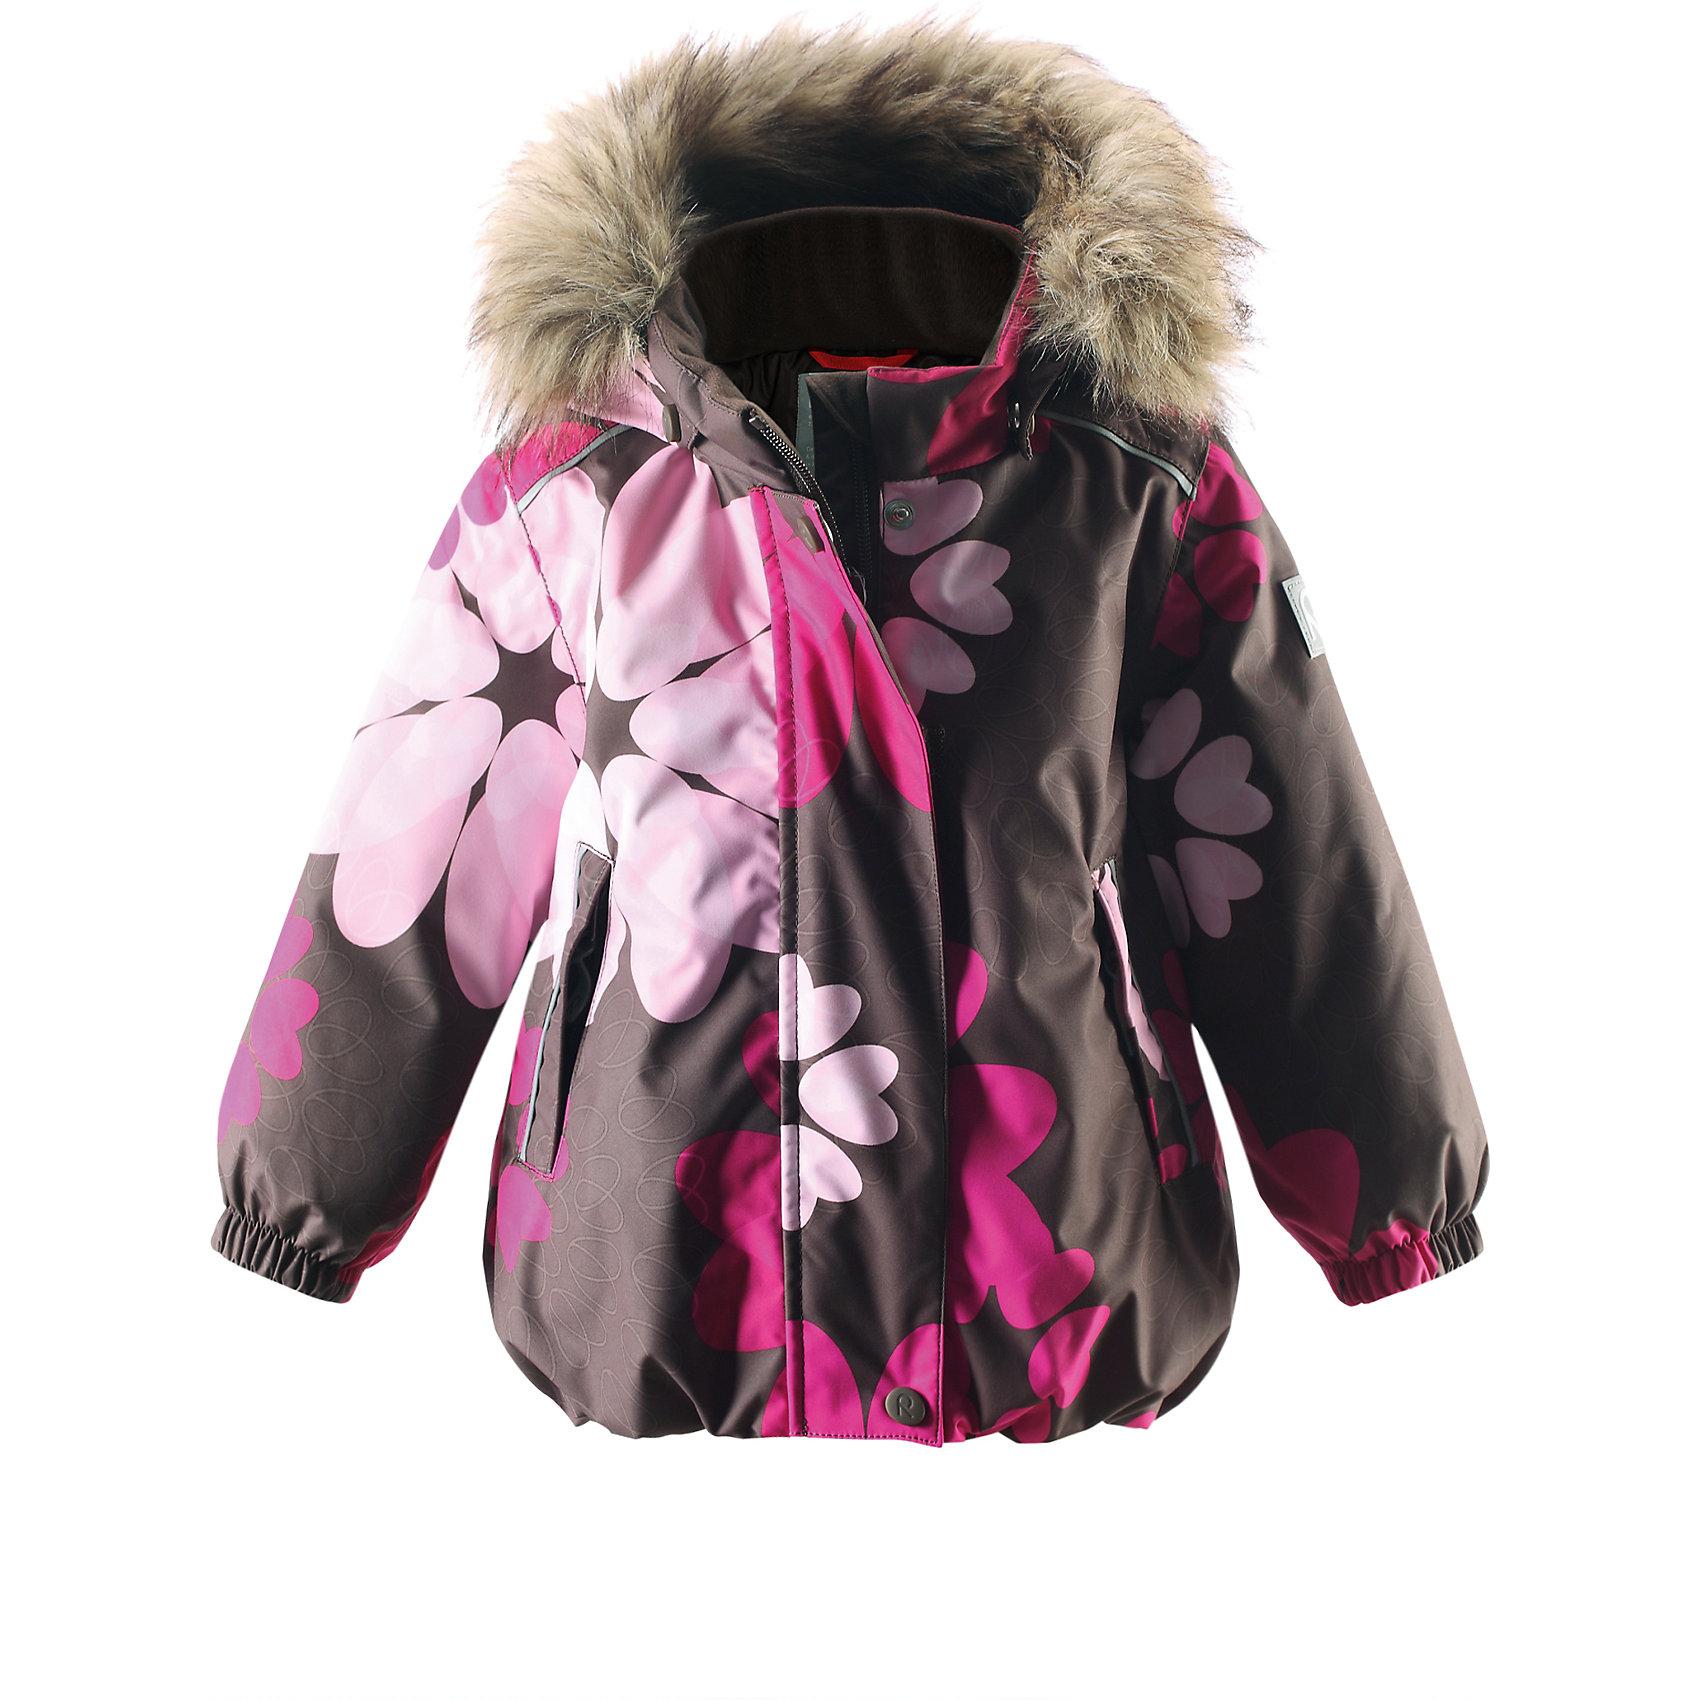 Куртка для девочки Reimatec® ReimaКуртка, которая обязательно понравится маленьким принцессам, сочетает красивый цветочный узор и функциональность! Зимняя мембранная куртка для малышей пошита из водо- и ветронепроницаемого, пропускающего воздух материала, который отталкивает грязь и влагу. Все швы куртки от Reimatec® (Рейматек) проклеены, водонепроницаемы, чтобы никакая погода не смогла помешать весёлым зимним приключениям! Ткань пропускает воздух, поэтому ребёнок не вспотеет, как бы быстро он ни двигался. Куртка с подкладкой из гладкого полиэстера легко надевается и удобно носится с тёплым промежуточным слоем. Вы заметили, что к куртке можно легко пристегнуть многие из промежуточных слоёв Reima? Благодаря удобным кнопкам для пристегивания промежуточного слоя к верхней одежде по системе Playlayers®, многие флисовые кофты можно пристегнуть к куртке, чтобы малышу было теплее и комфортнее. Съёмный регулируемый капюшон не только защищает от холодного ветра, но и безопасен во время игр на свежем воздухе! Если закреплённый кнопками капюшон зацепится за что-нибудь, он легко отстегнётся. Когда пойдёте гулять, в карманы на молниях можно положить крошечные сокровища, а светоотражающие детали обеспечат видимость в темноте. Стиль этой симпатичной куртки подчёркнут пышным подолом, остроконечным капюшоном с отстёгивающейся отделкой из искусственного меха и светоотражателем в форме цветка. Эта куртка не требует особого ухода. Можно сушить в центрифуге.<br><br>Водонепроницаемая зимняя куртка, модель для девочек<br>Все швы проклеены, водонепроницаемы<br>Безопасный съёмный капюшон с отстёгивающейся отделкой из искусственного меха<br>Два кармана на молниях<br>Светоотражающие детали для безопасности<br>Состав:<br>100% ПЭ, ПУ-покрытие<br>Средняя степень утепления (до - 20)<br><br>Куртку для девочки Reimatec® (Рейматек) Reima (Рейма) можно купить в нашем магазине.<br><br>Ширина мм: 356<br>Глубина мм: 10<br>Высота мм: 245<br>Вес г: 519<br>Цвет: коричневый<br>Возраст от месяцев: 18<br>Возр